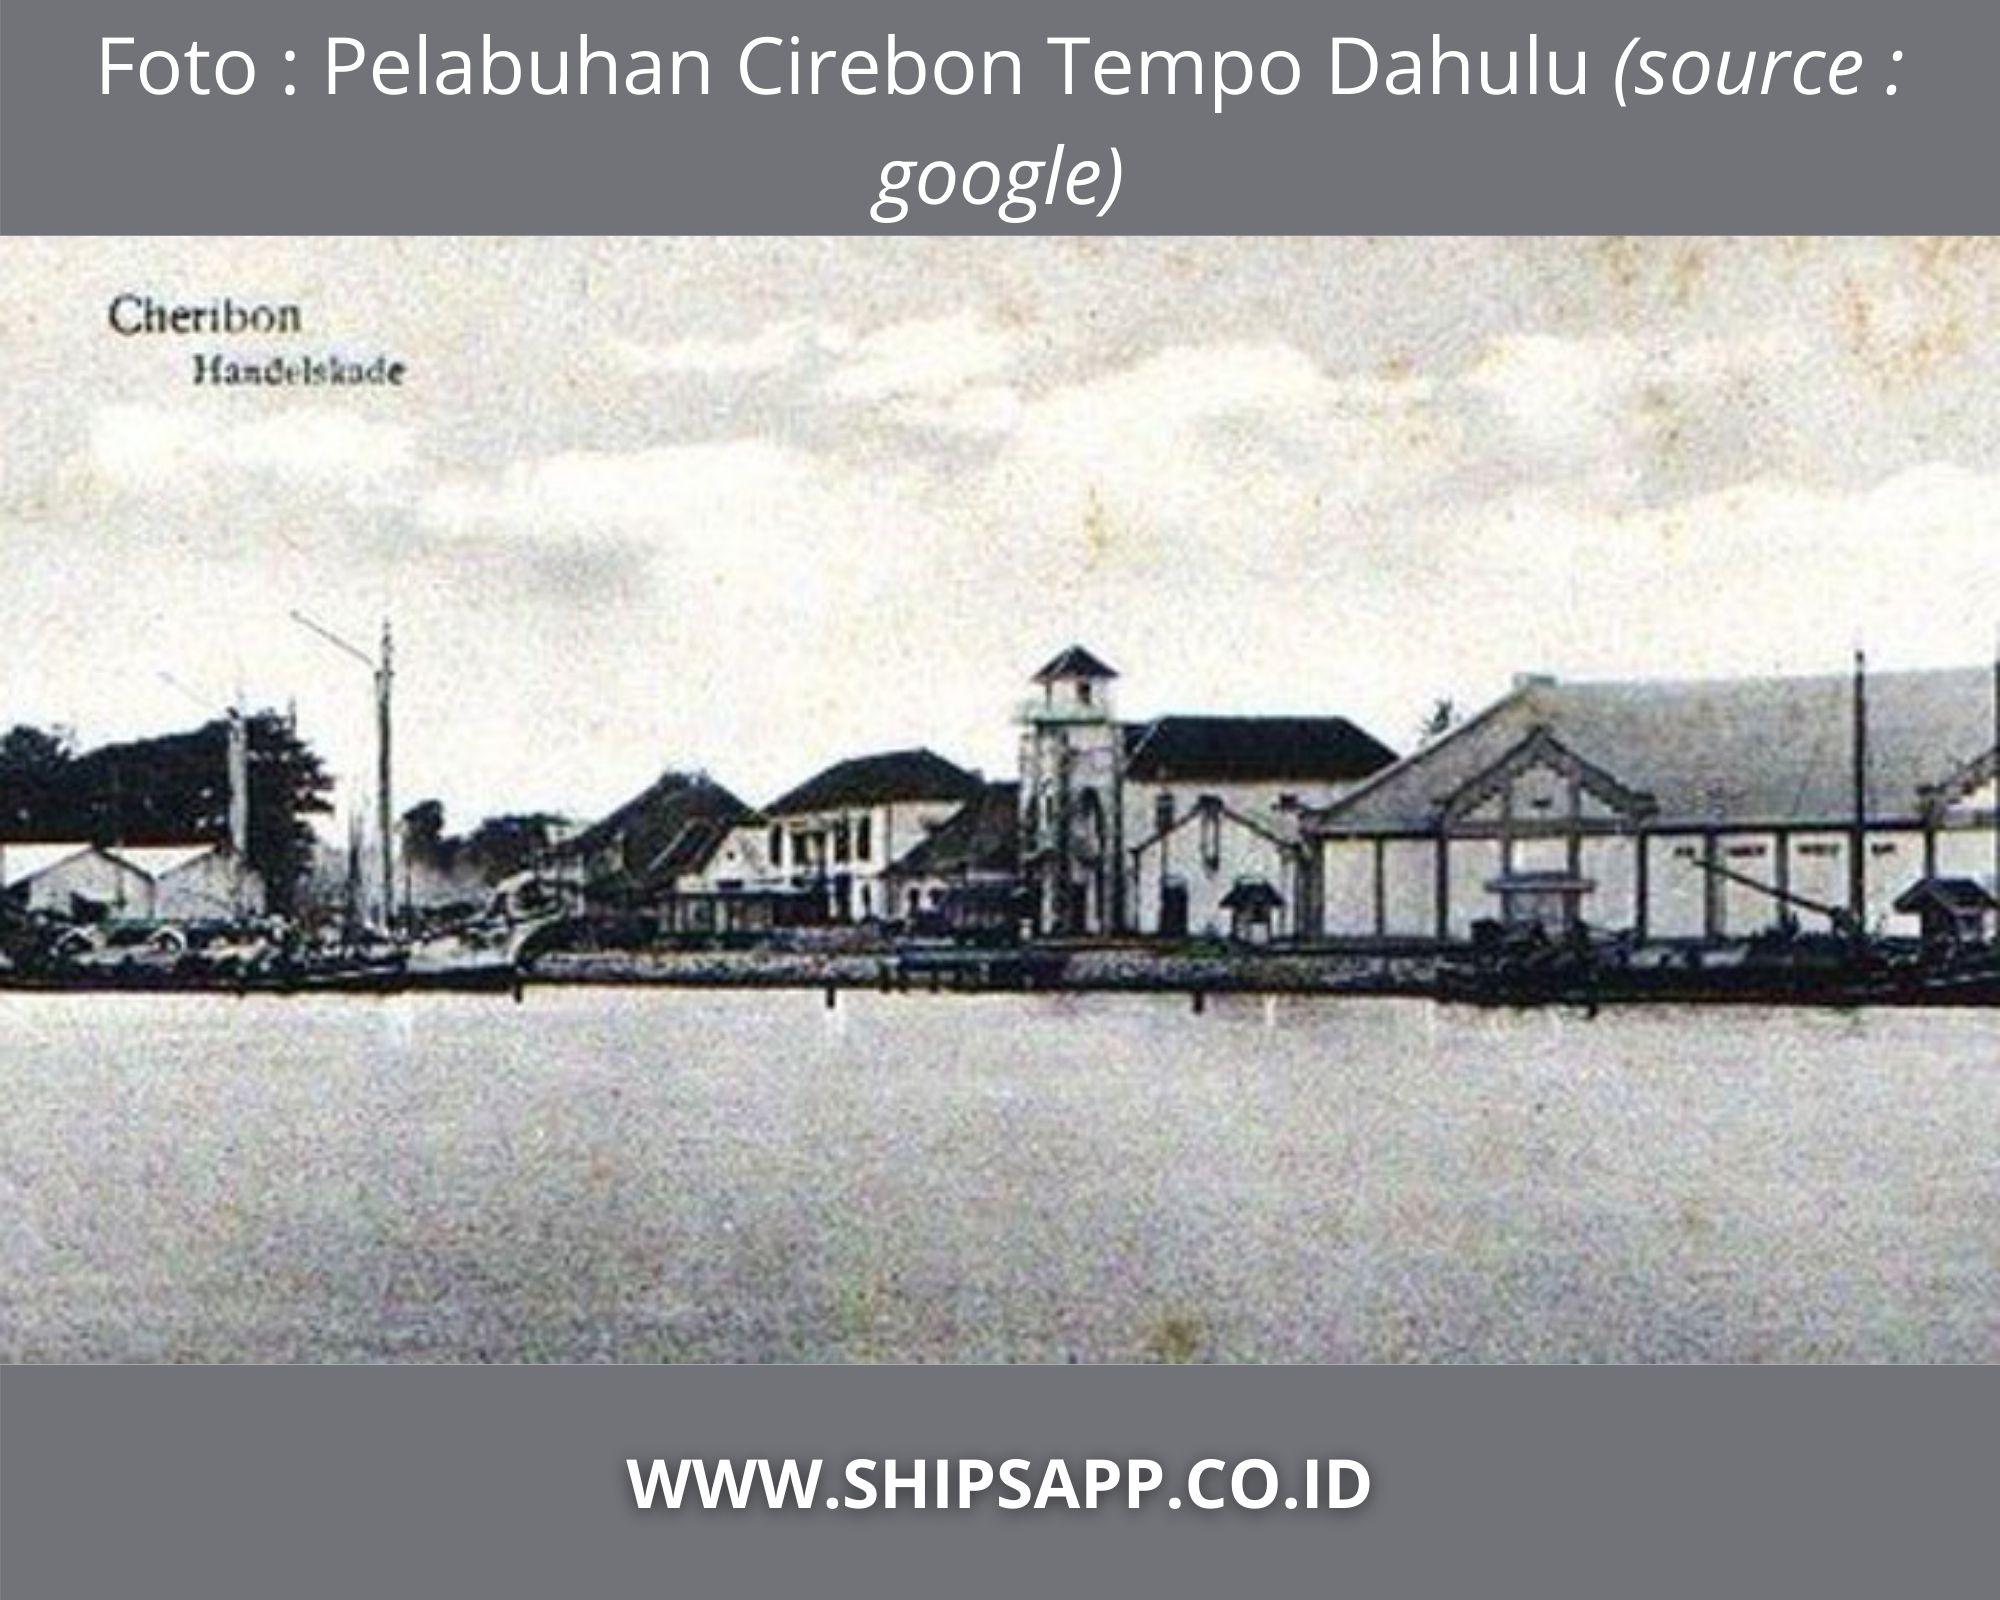 Sejarah Pelabuhan Cirebon